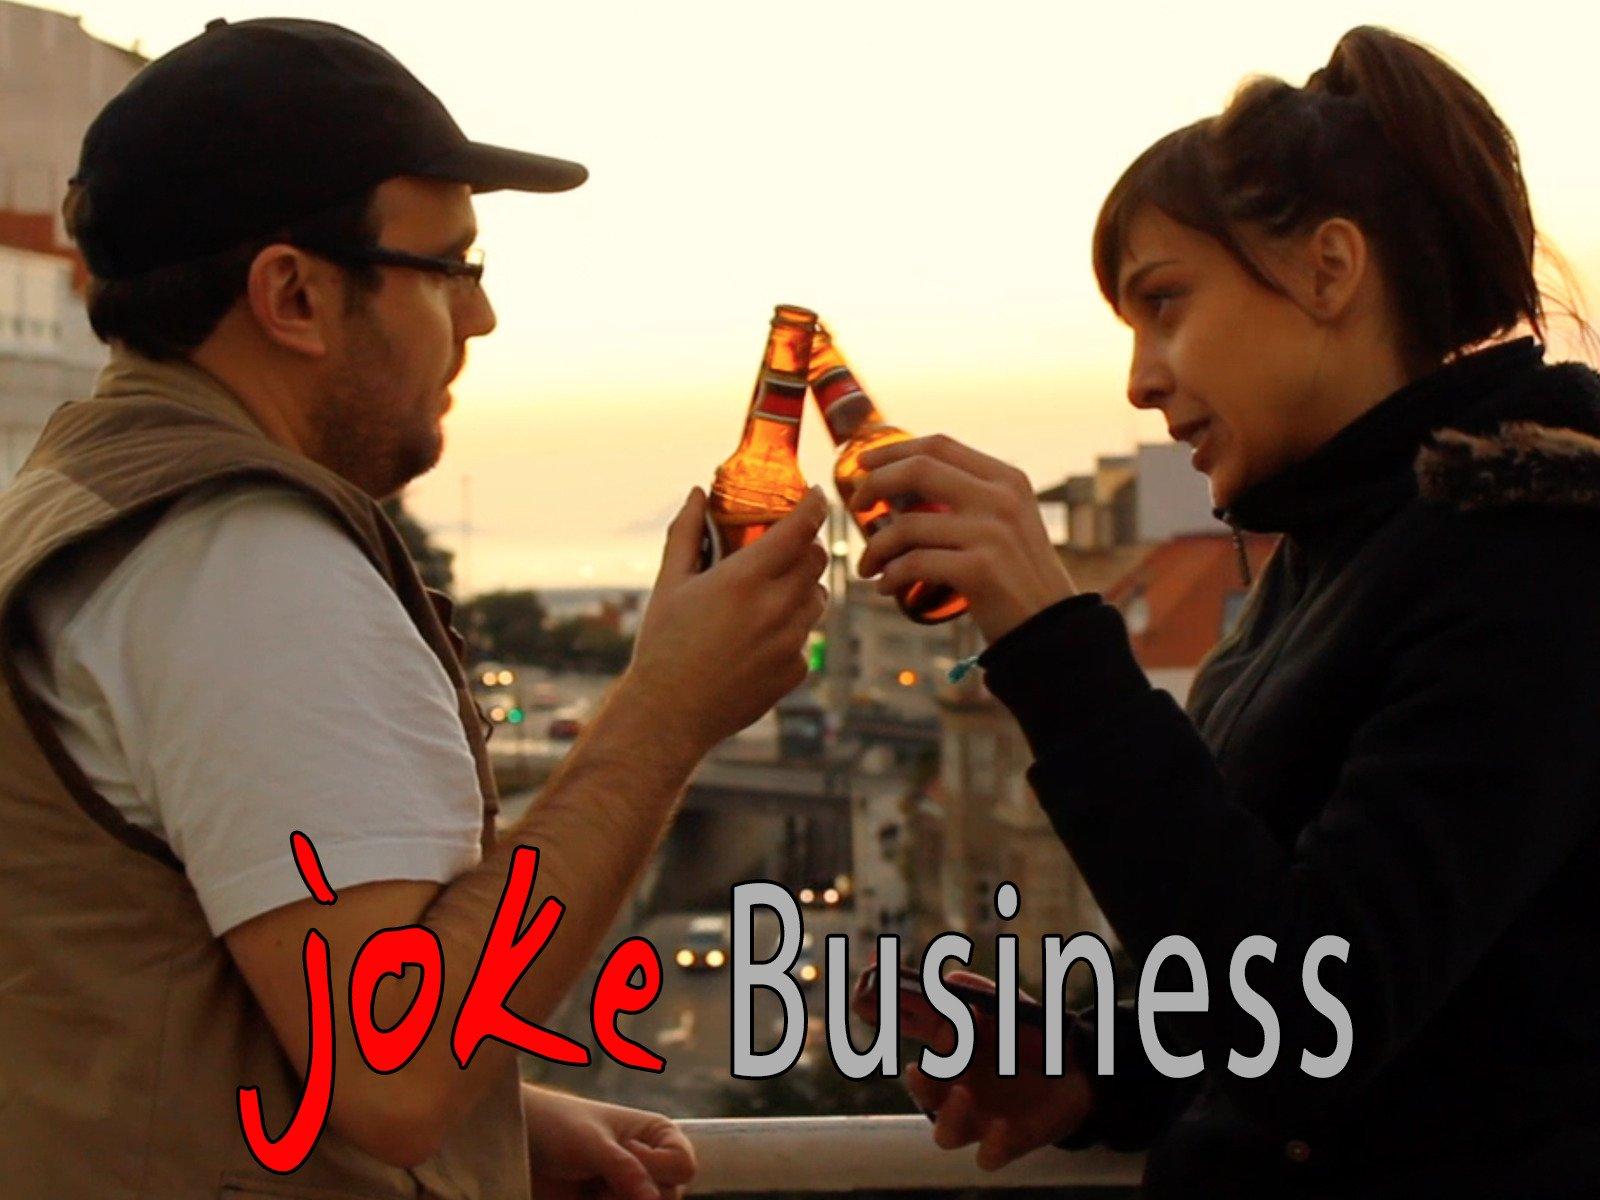 Joke Business - Season 1